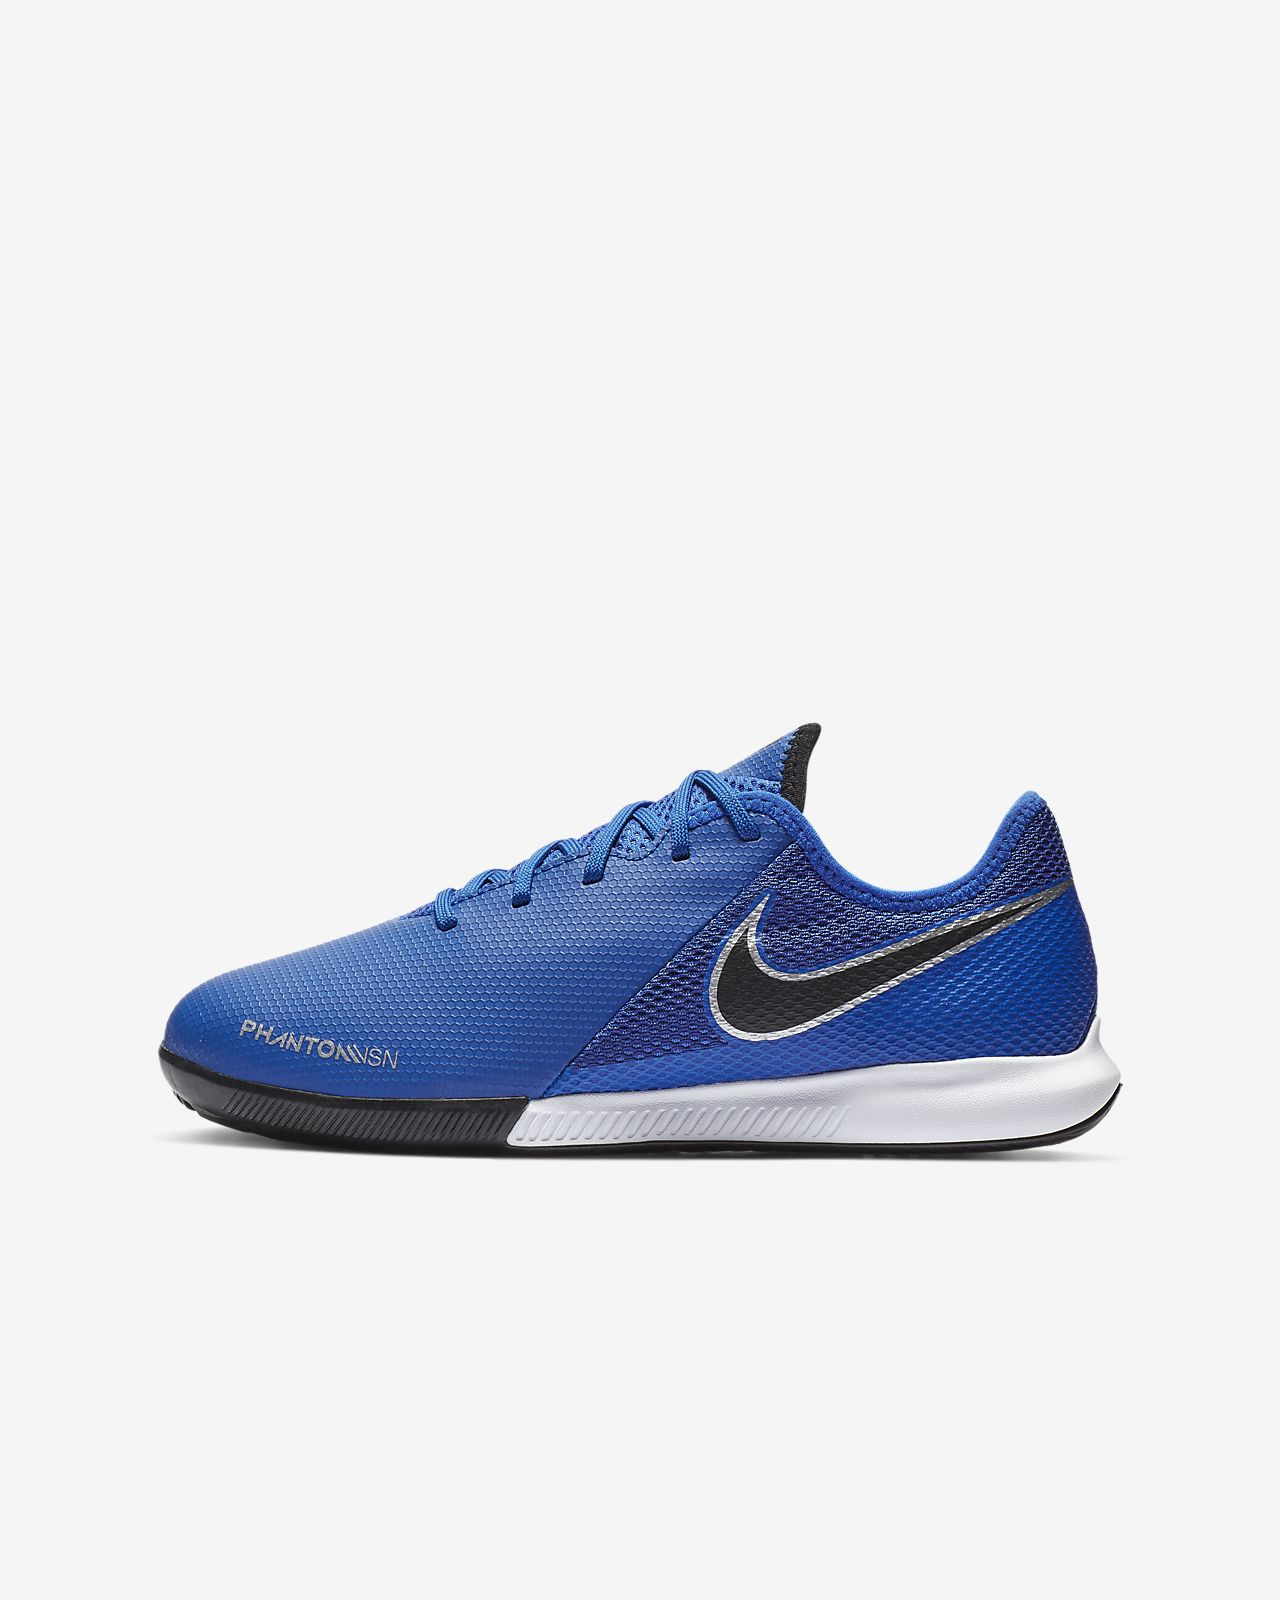 Fotbollssko för inomhusplan/futsal/street Nike Jr. Phantom Vision Academy IC för barn/ungdom